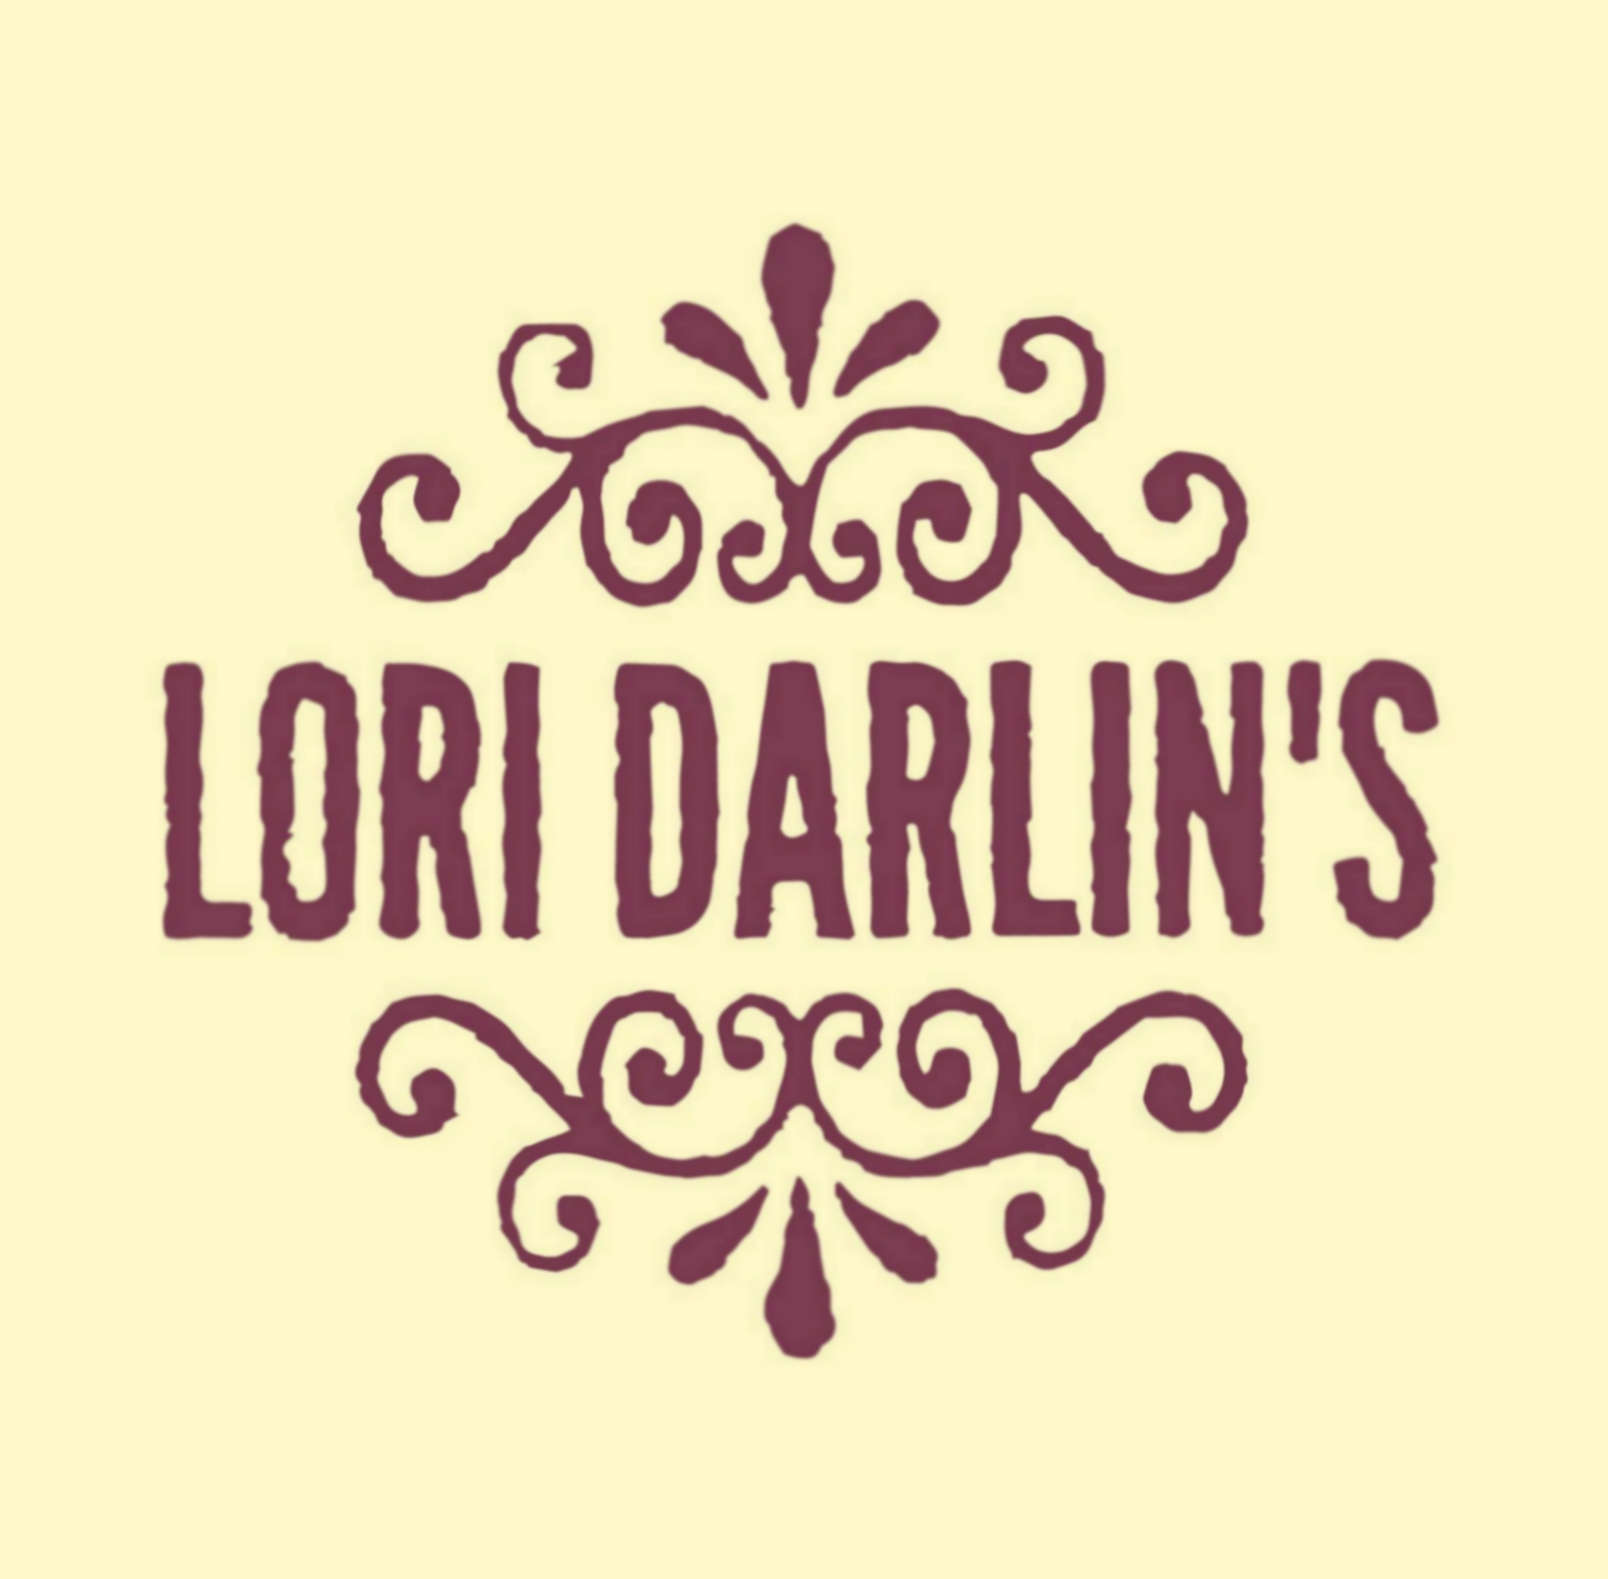 Lori Darlin's